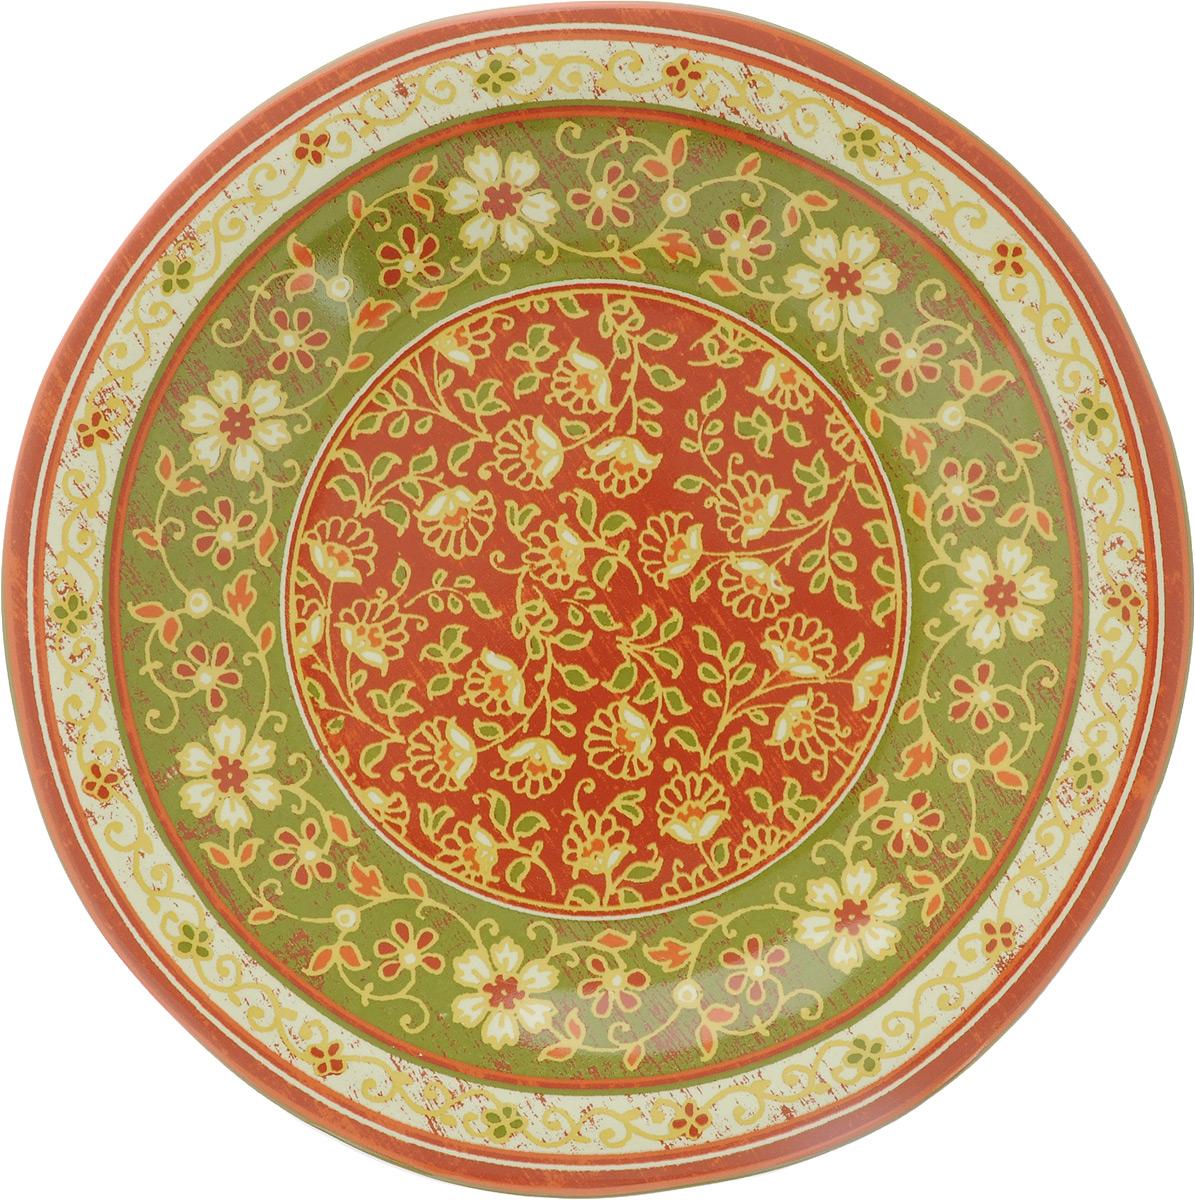 Тарелка десертная Sango Ceramics Кашмир, диаметр 23 смUTT41810Десертная тарелка Sango Ceramics Кашмир, изготовленная из высококачественной керамики, имеет изысканный внешний вид. Такая тарелка прекрасно подходит как для торжественных случаев, так и для повседневного использования. Идеальна для подачи десертов, пирожных, тортов и многого другого. Она прекрасно оформит стол и станет отличным дополнением к вашей коллекции кухонной посуды. Можно использовать в посудомоечной машине и СВЧ. Диаметр тарелки: 23 см. Высота тарелки: 3 см.